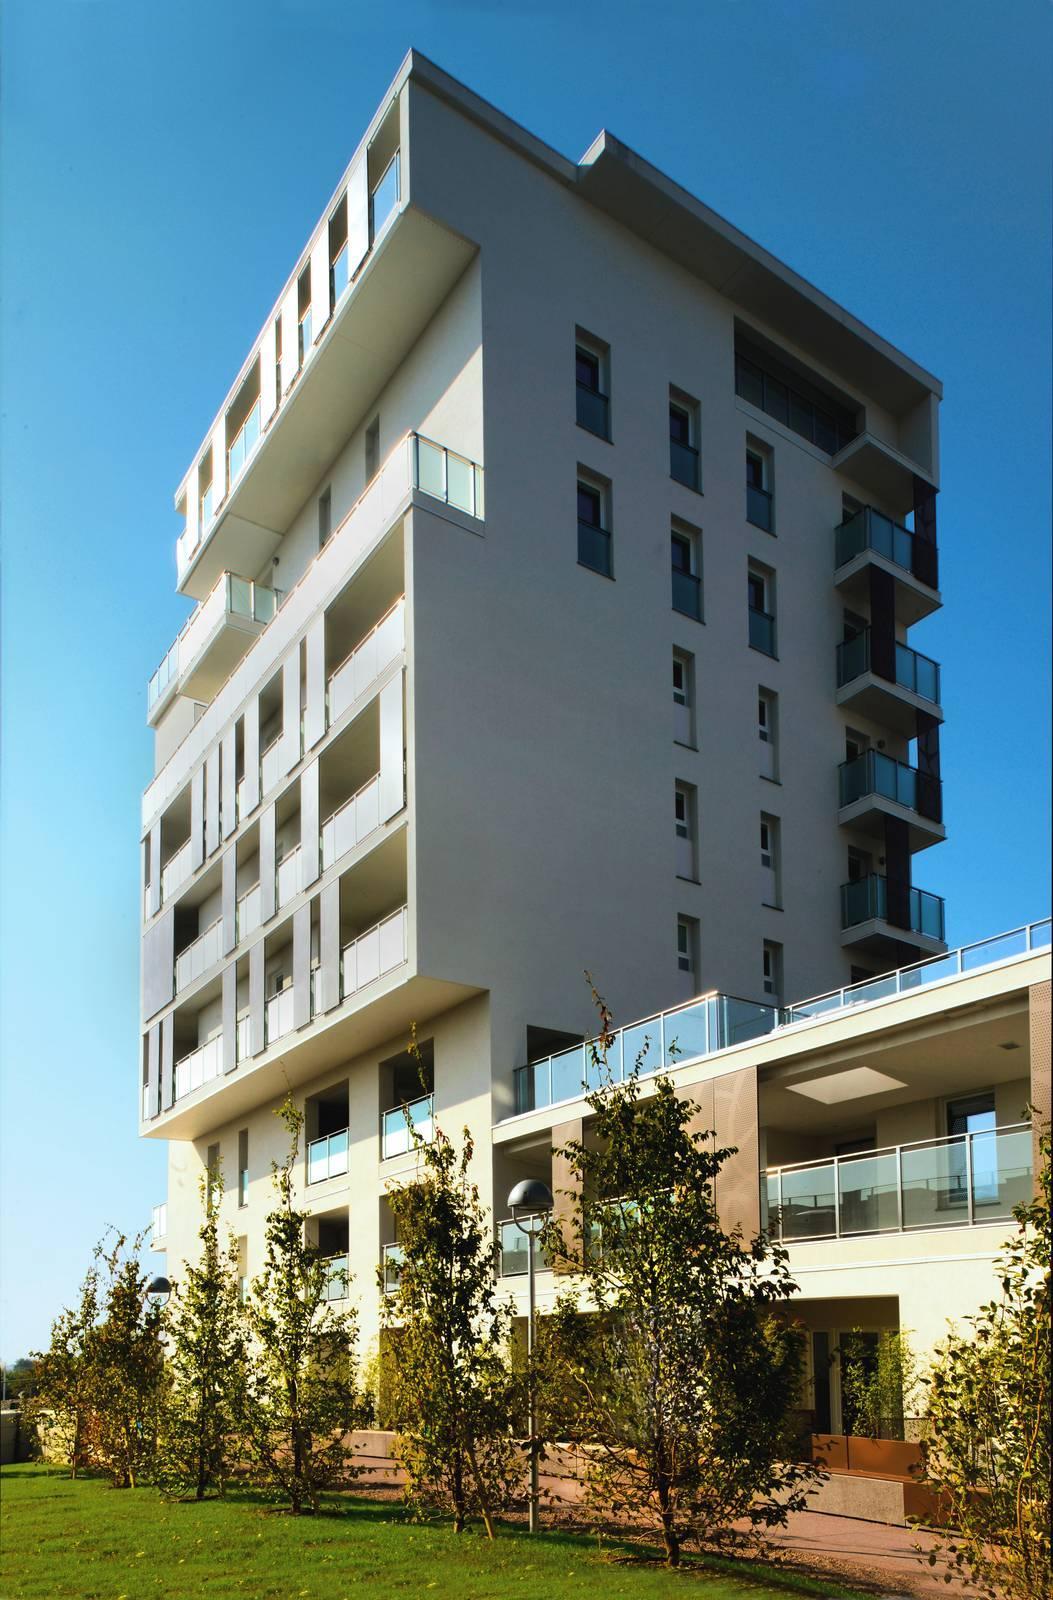 Bosco Verticale Appartamenti Costo social housing, anche in italia avanza l'edilizia privata